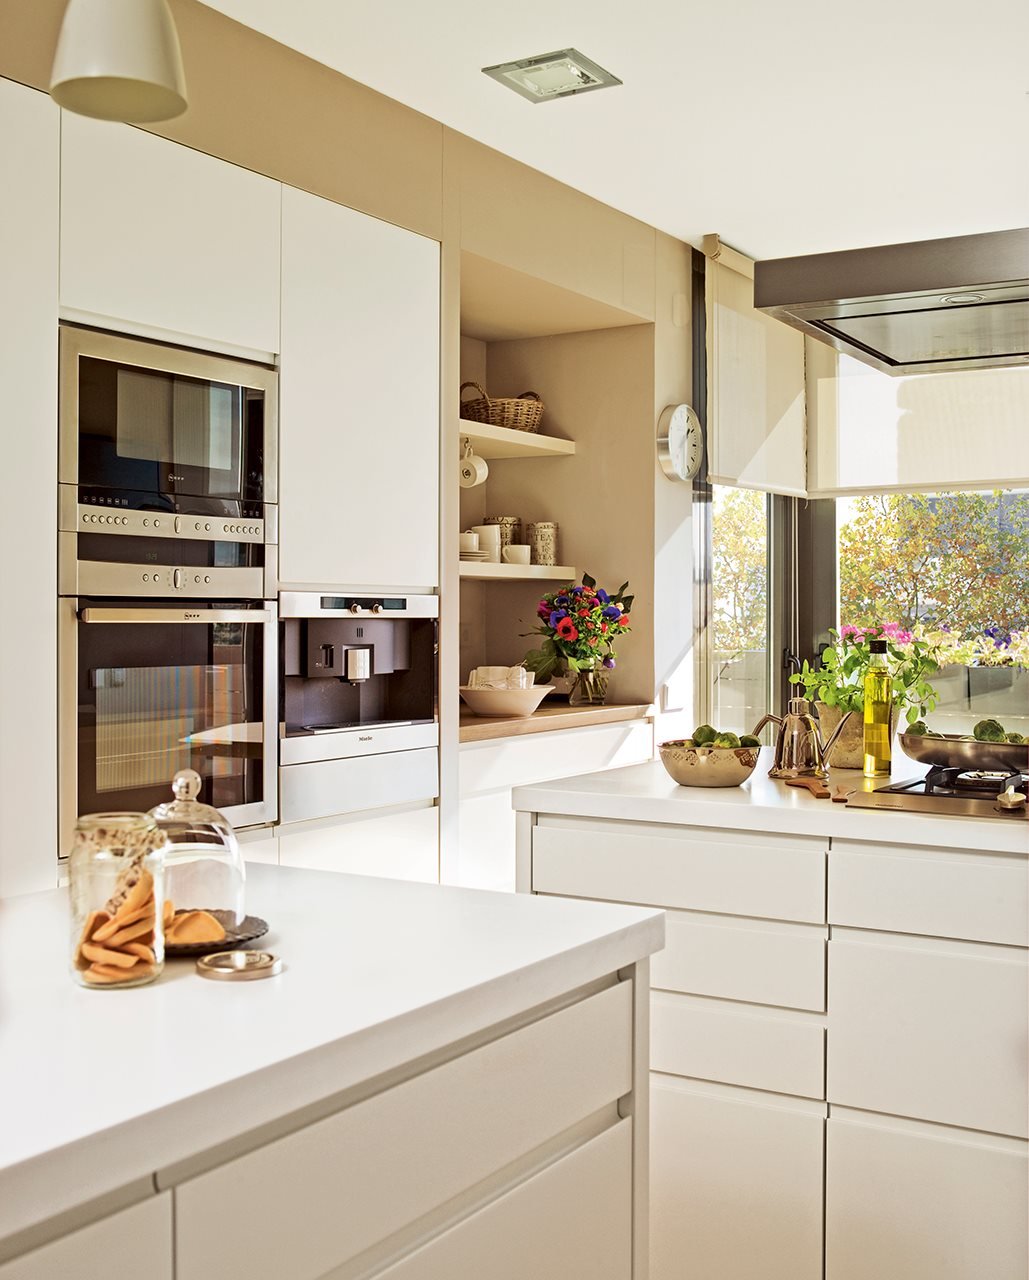 La cocina de los mil cajones for Colgar microondas cocina